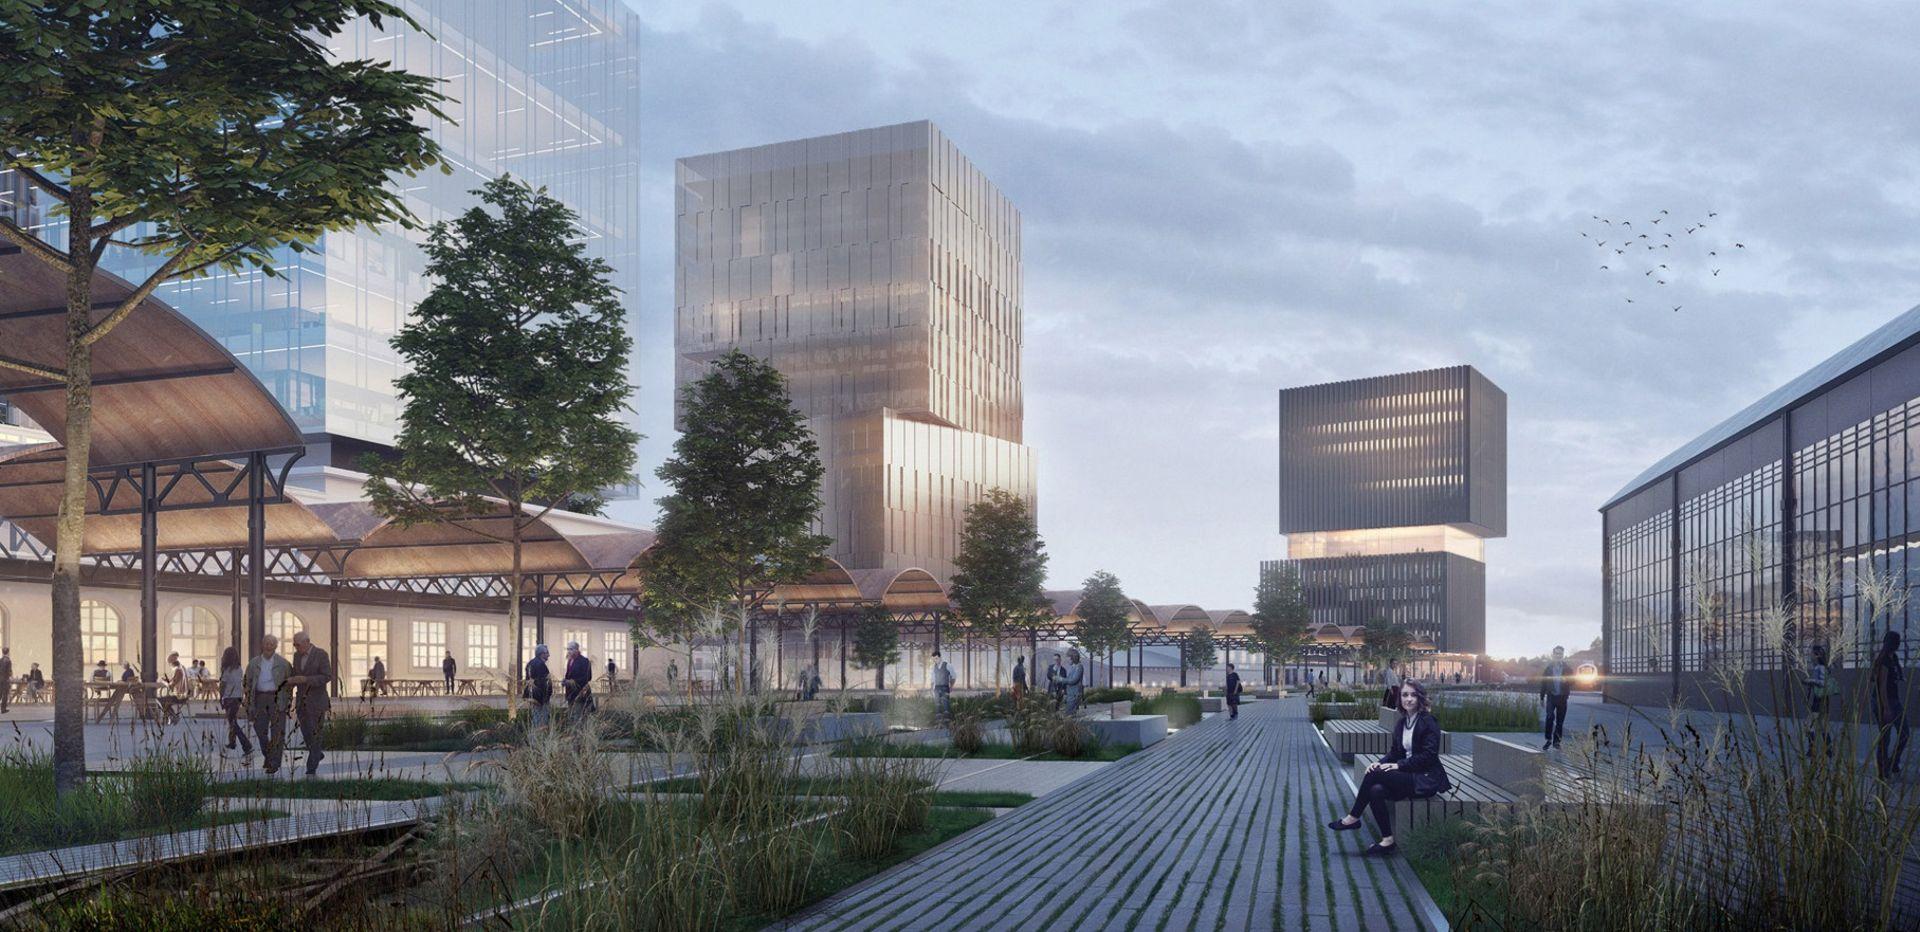 Wrocław: Więcej wież i przestrzeń otwarta dla mieszkańców. Tak może się zmienić teren przy Dworcu Głównym